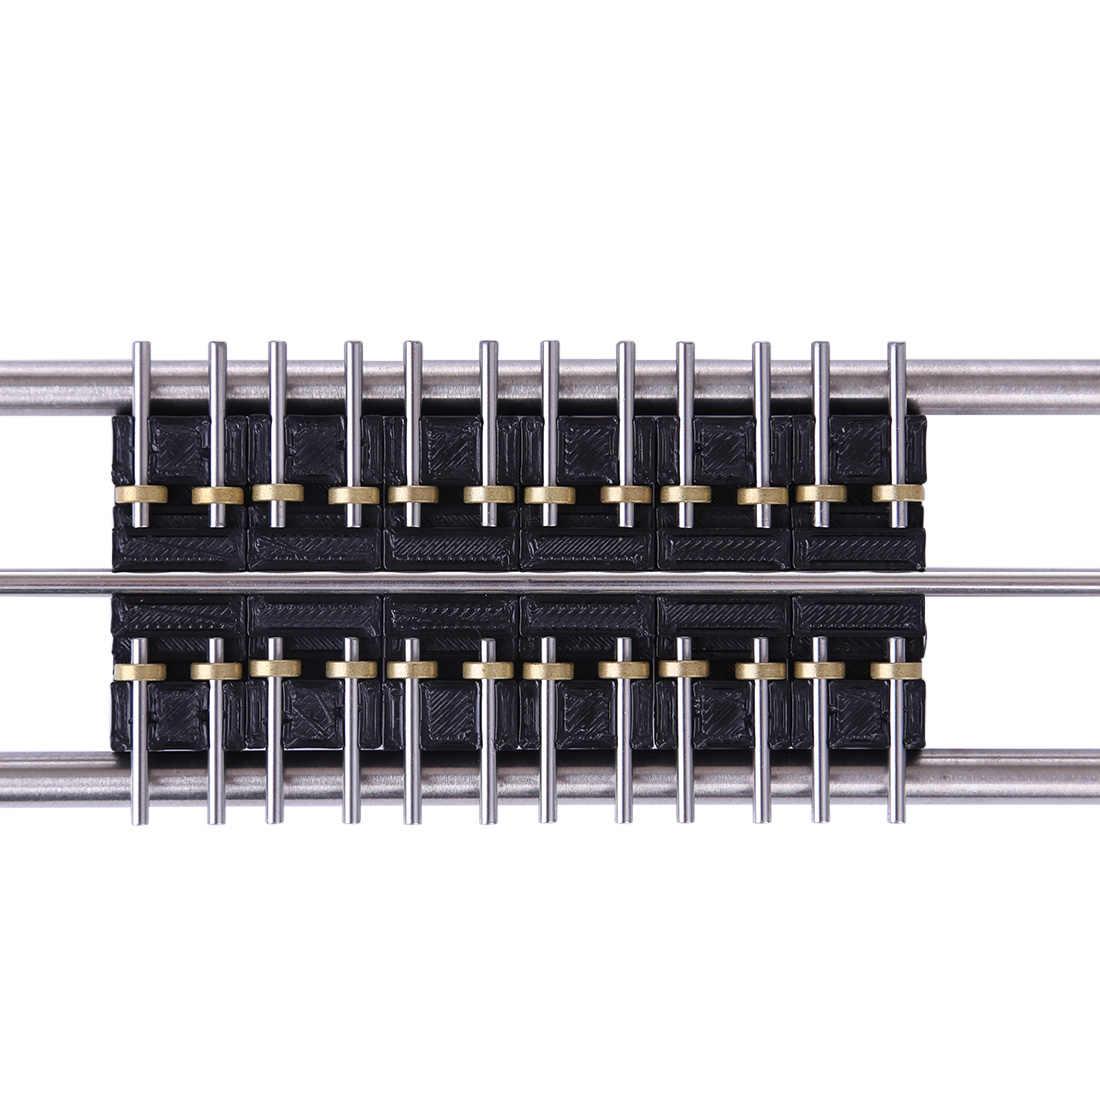 50cm 1: 87 Model pociągu HO skala akcesoria do majsterkowania bieżnia z linią łączącą do modelu skali HO na rynku